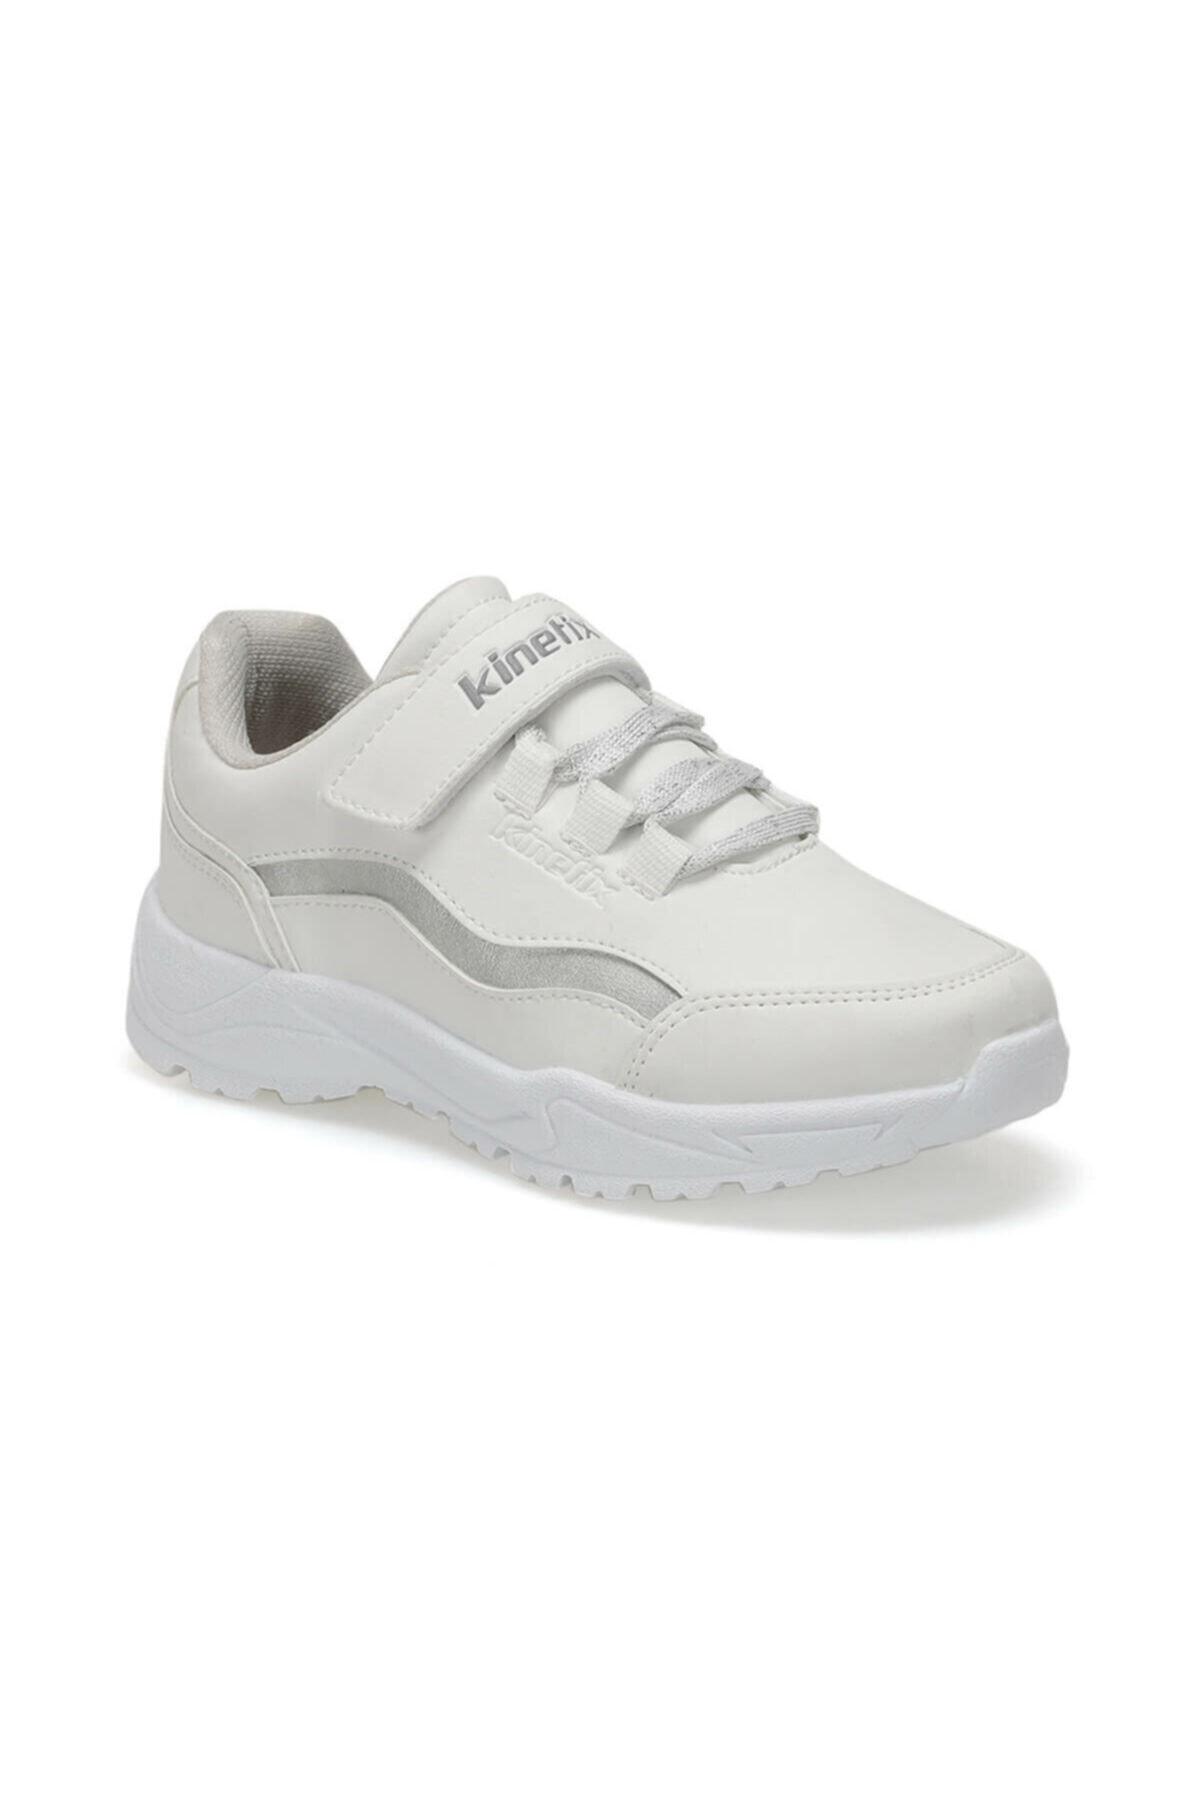 Kinetix ARTEN 9PR Beyaz Kız Çocuk Yürüyüş Ayakkabısı 100425228 1